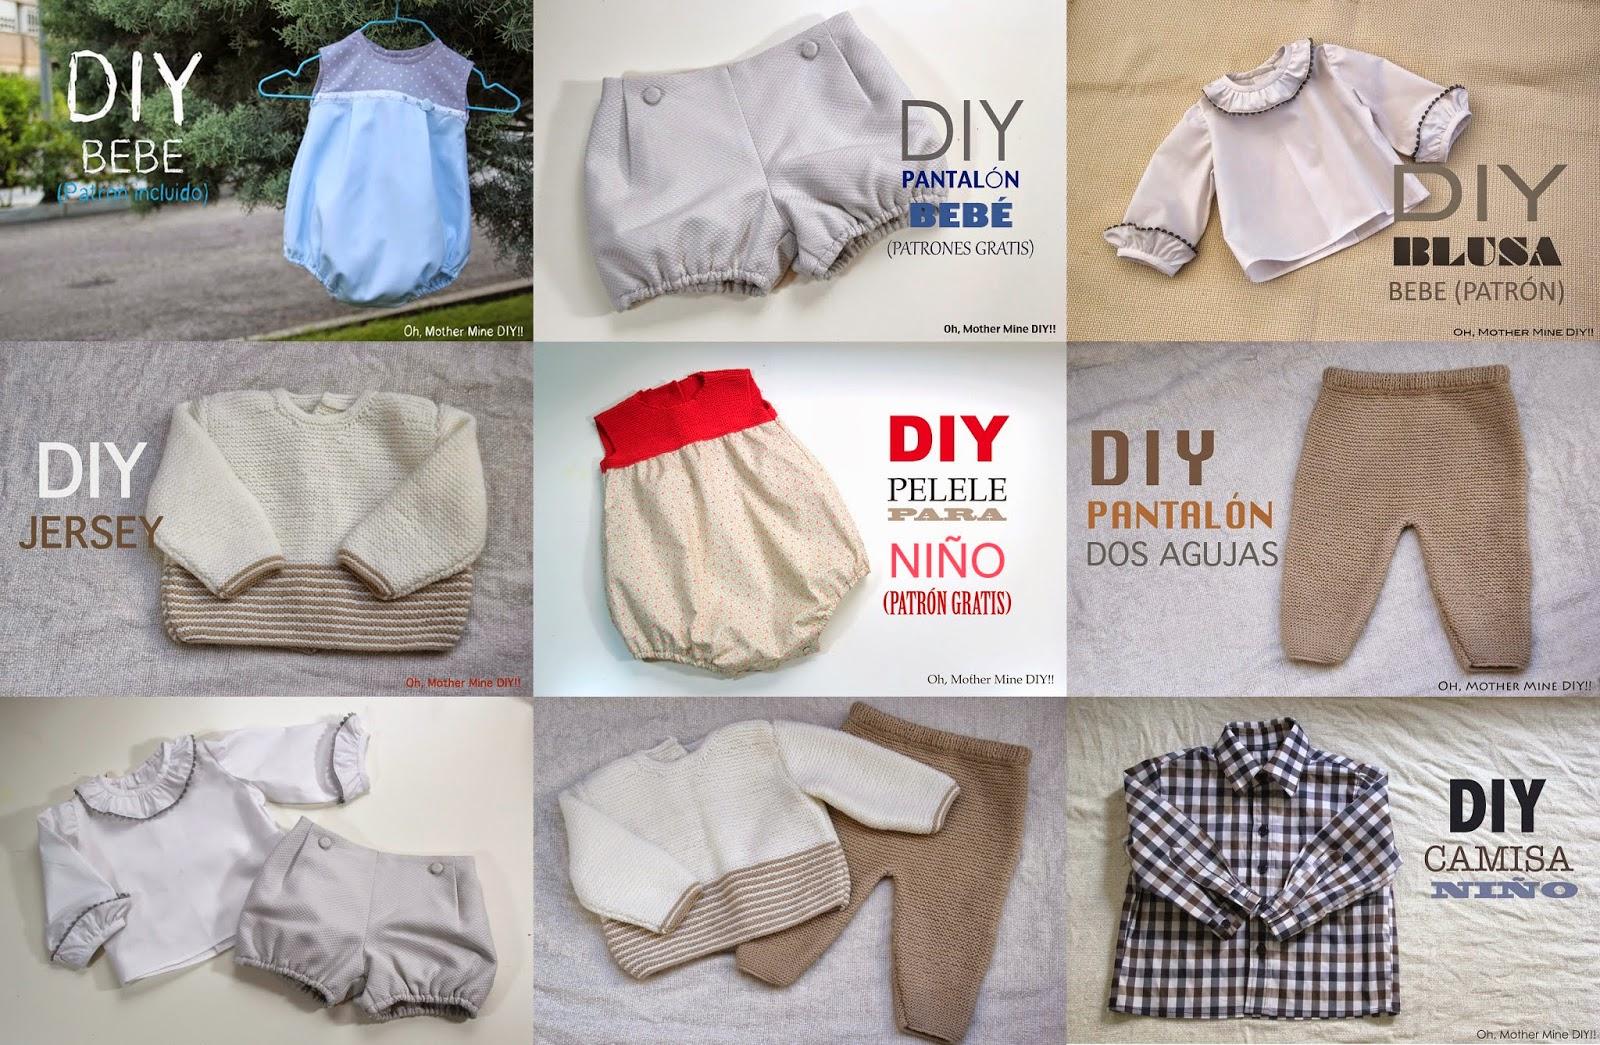 a706a0dea Patrones y tutoriales de ropa para niños y bebés gratis - HANDBOX